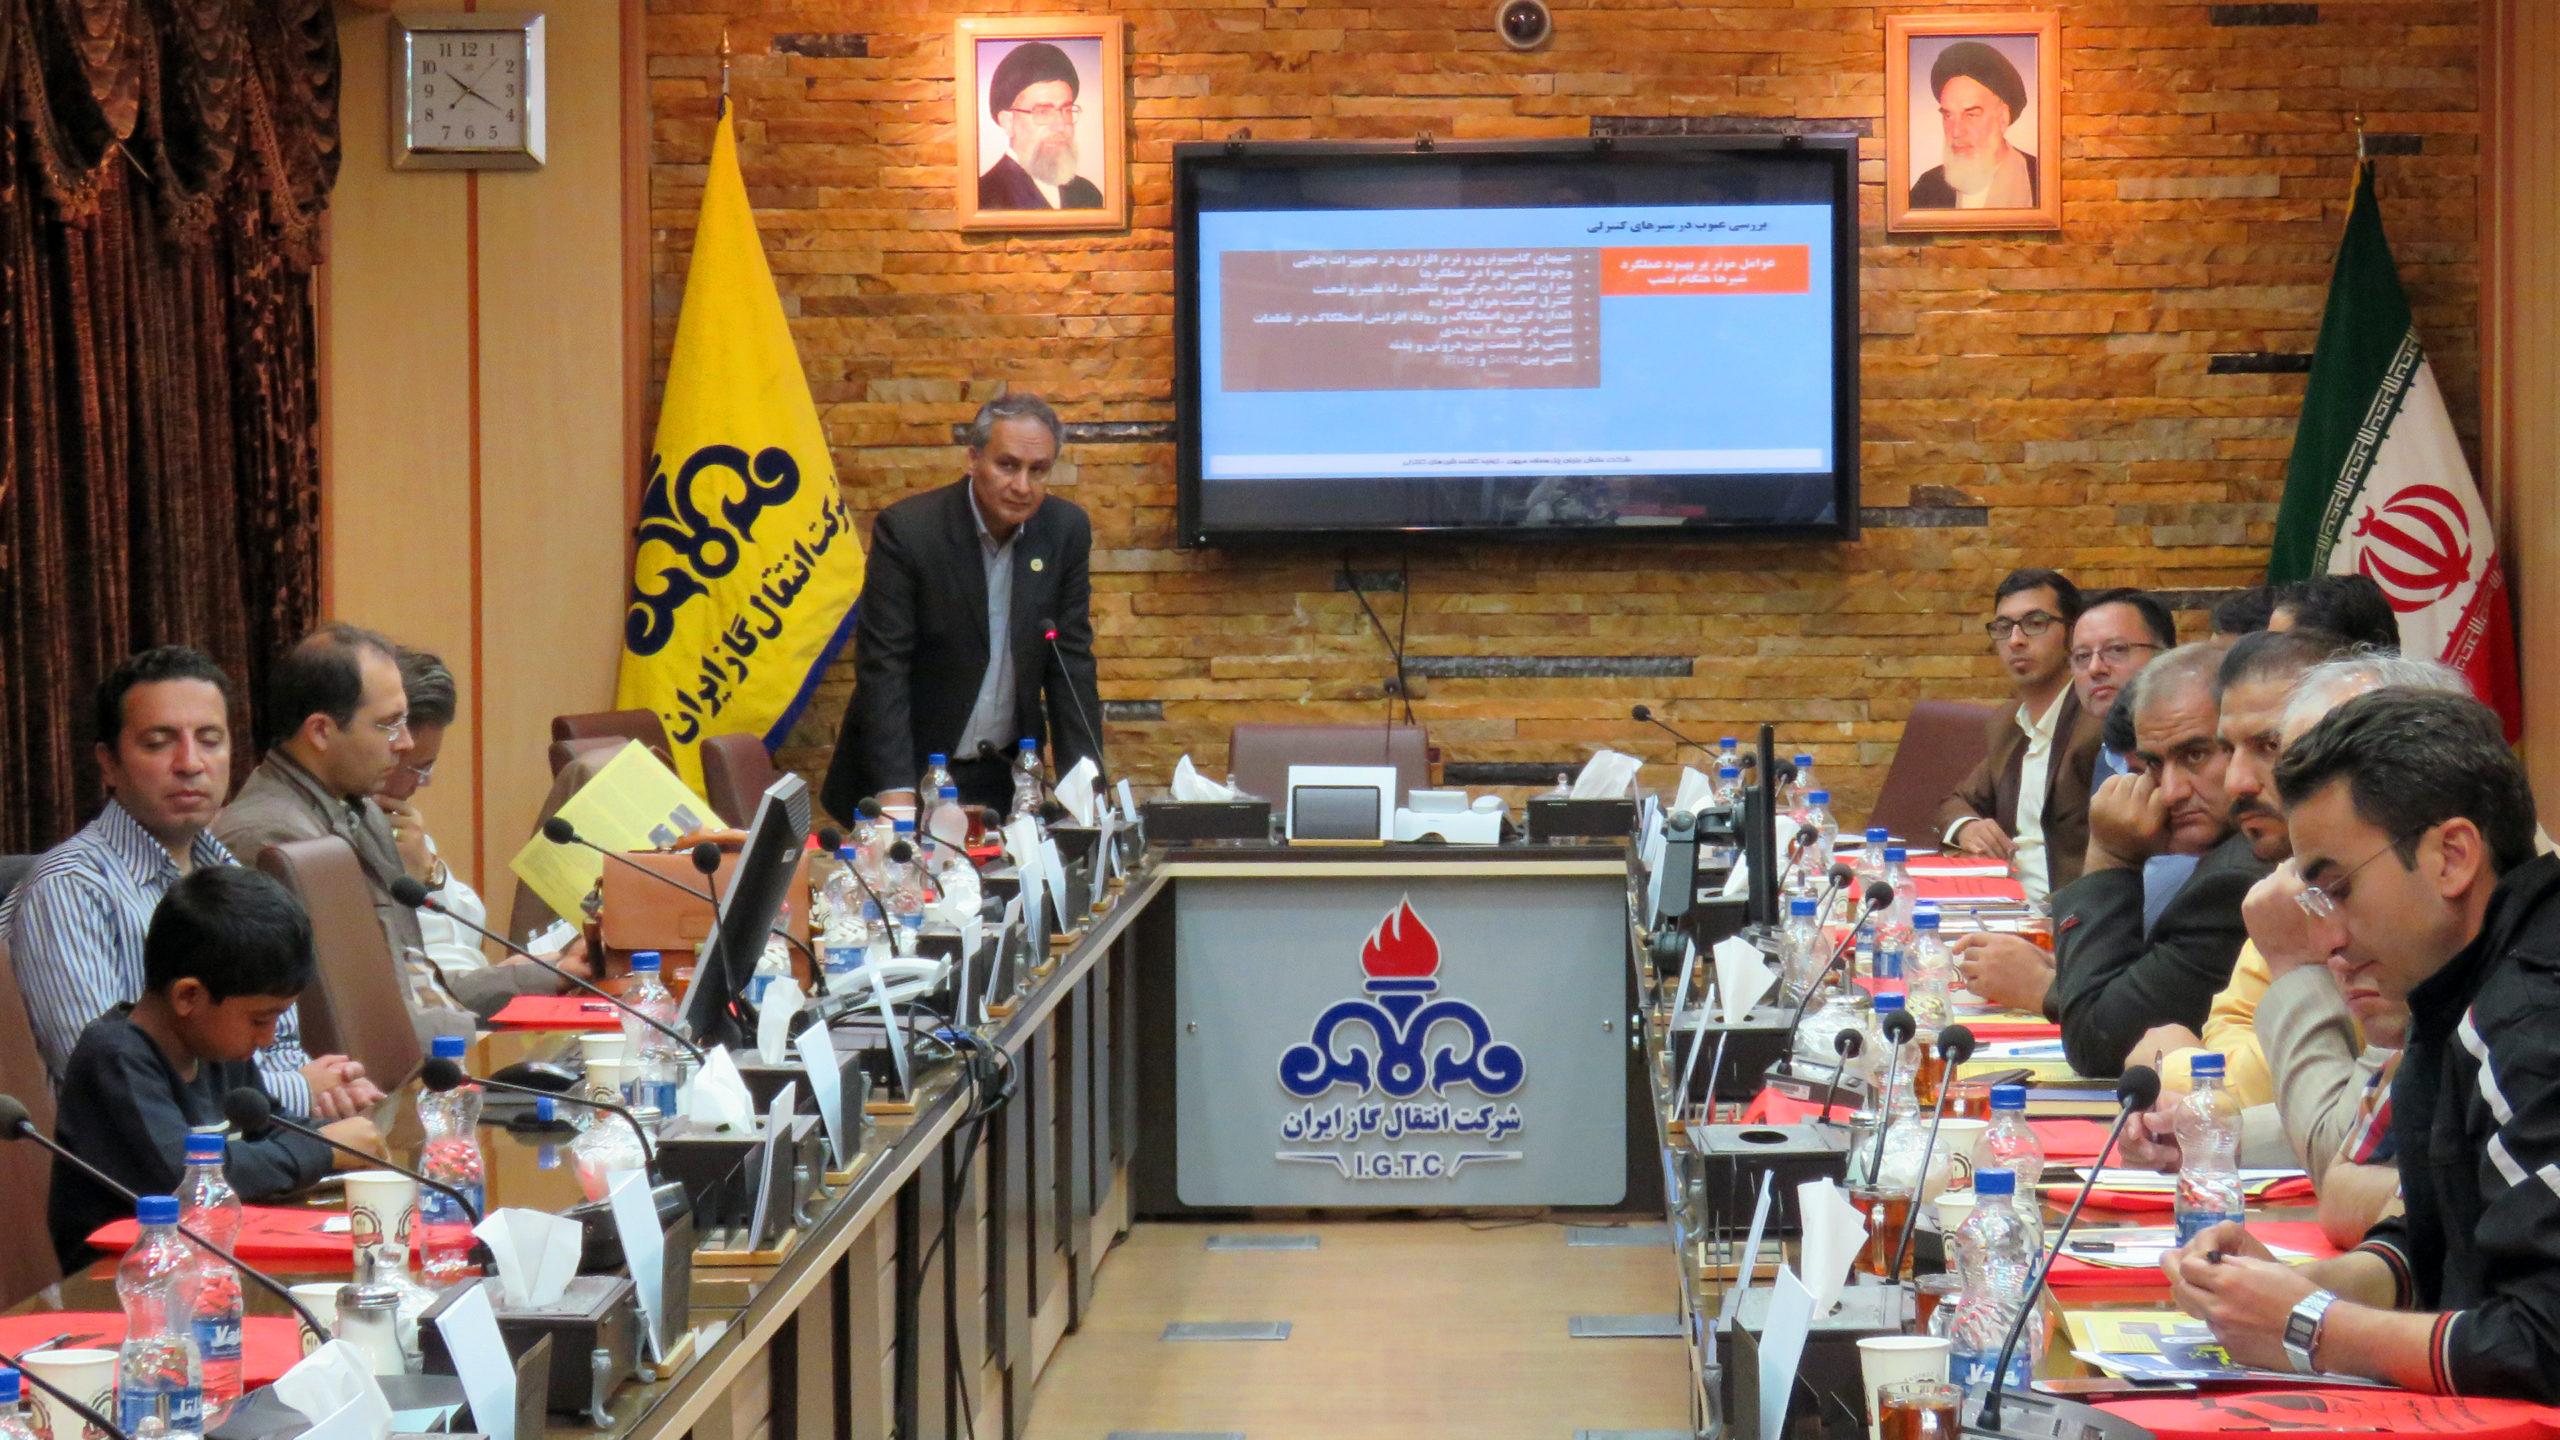 برگزاری سمینار معرفی شیرهای کنترلی صنعتی در سالن جلسات شرکت انتقال گاز ایران (2)